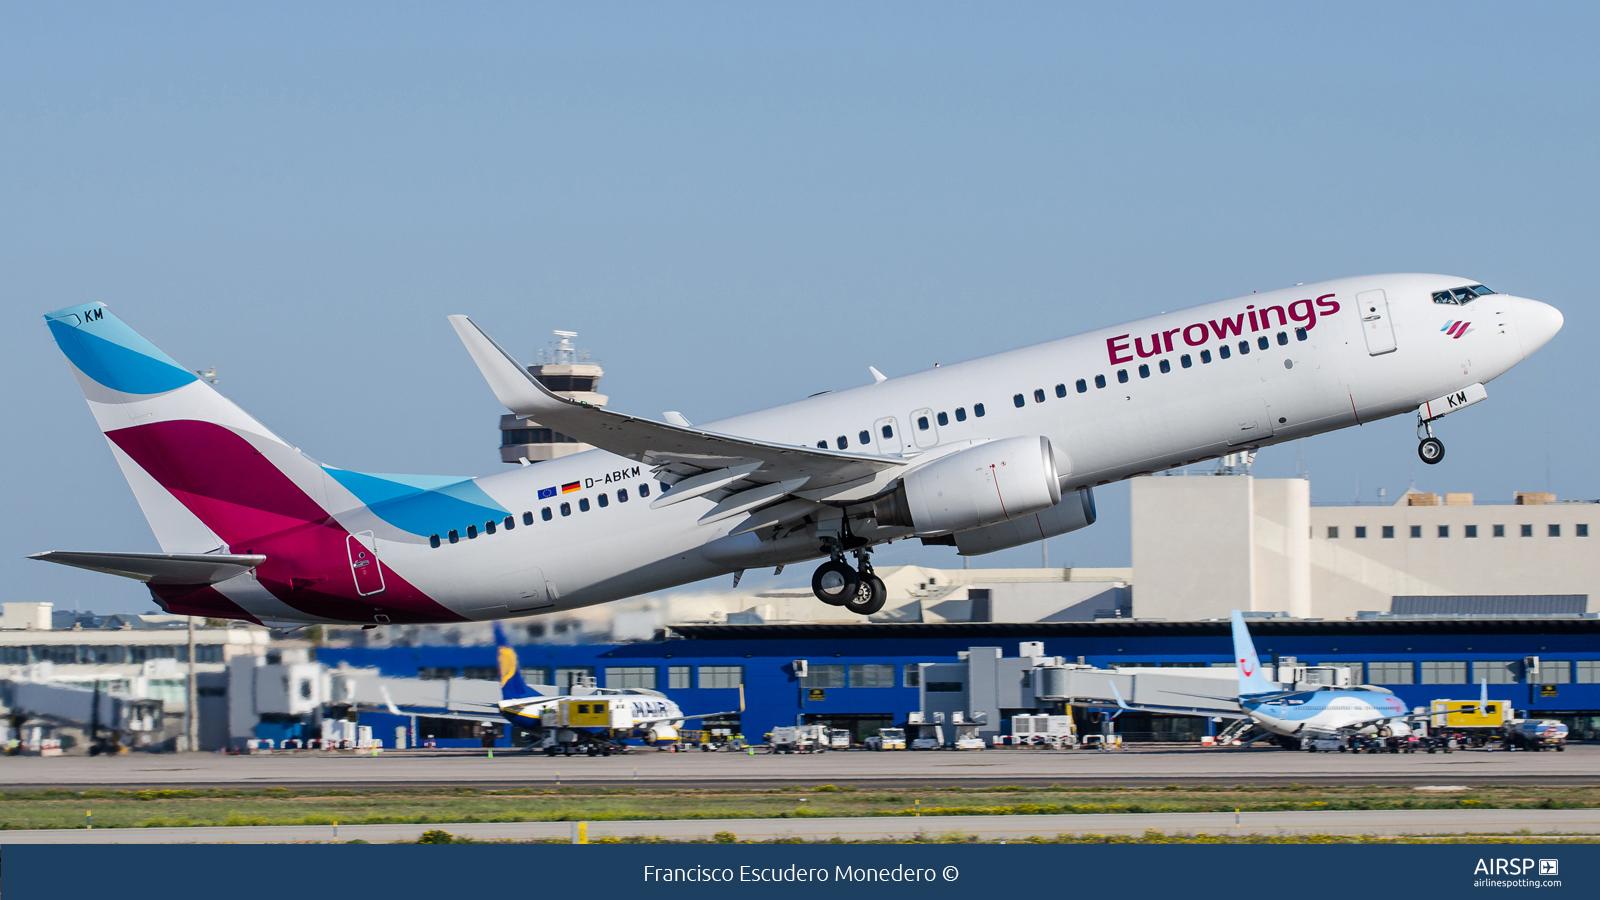 EurowingsBoeing 737-800D-ABKM